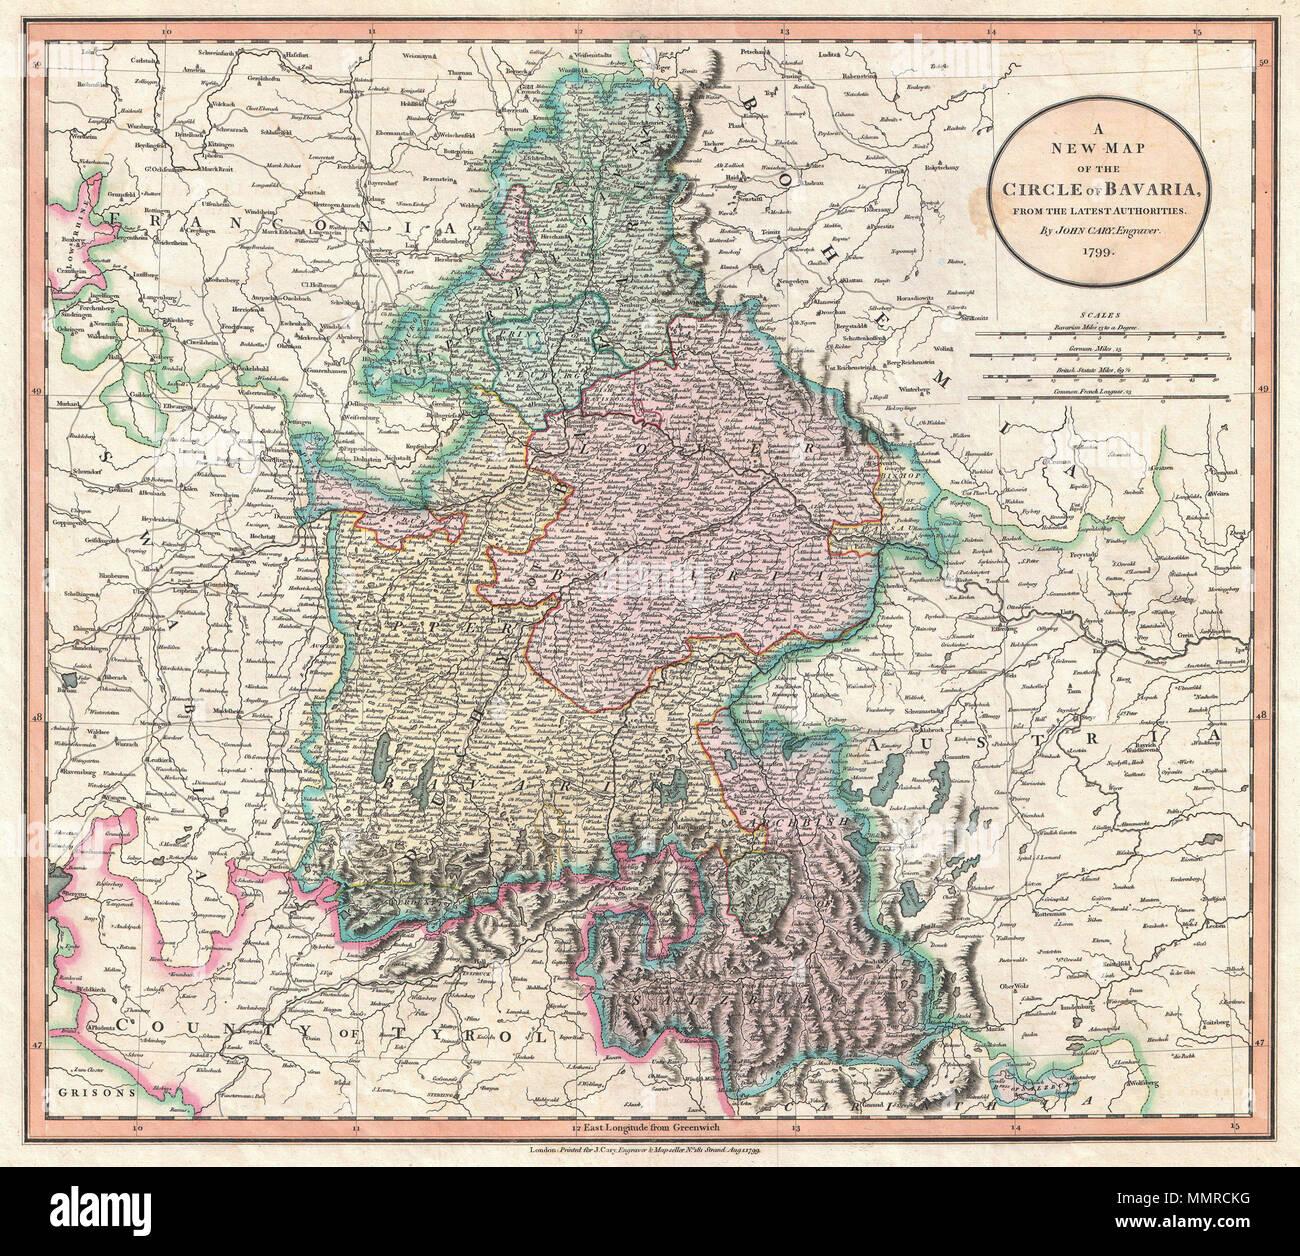 Schwaben Karte Deutschland.Englisch John Cary S 1799 Karte Des Kreises In Bayern Deutschland